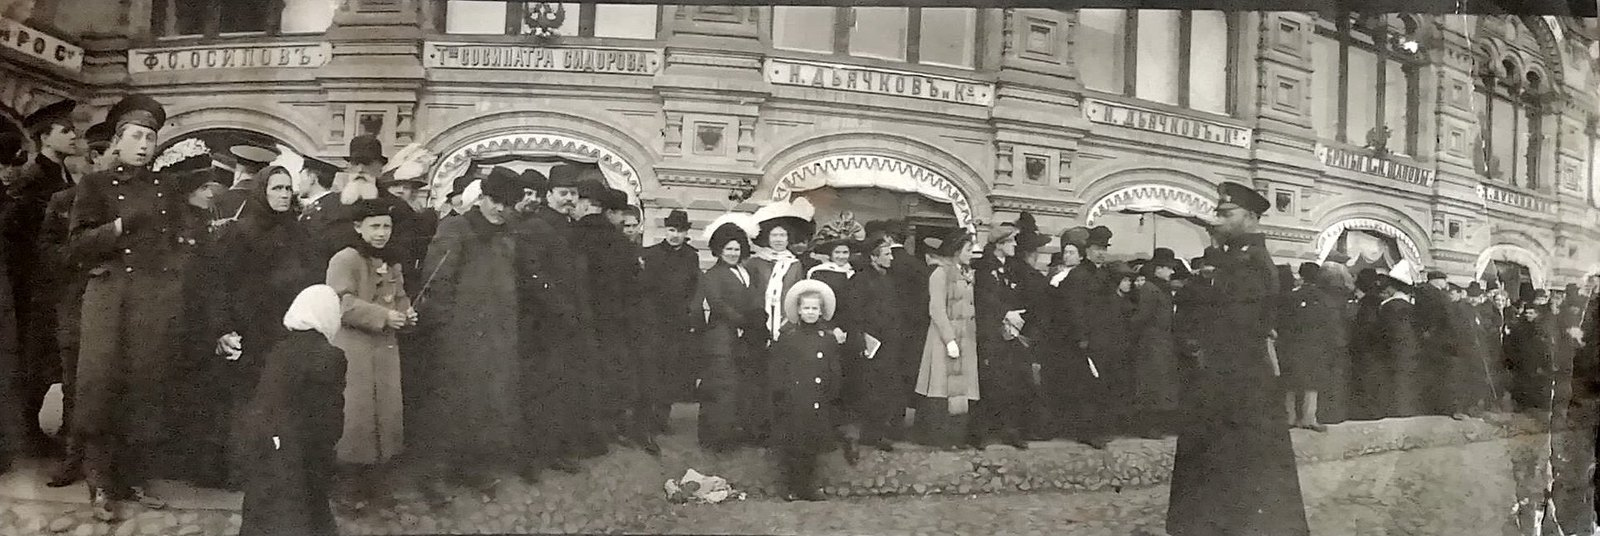 Верхние торговые ряды. 1910-е